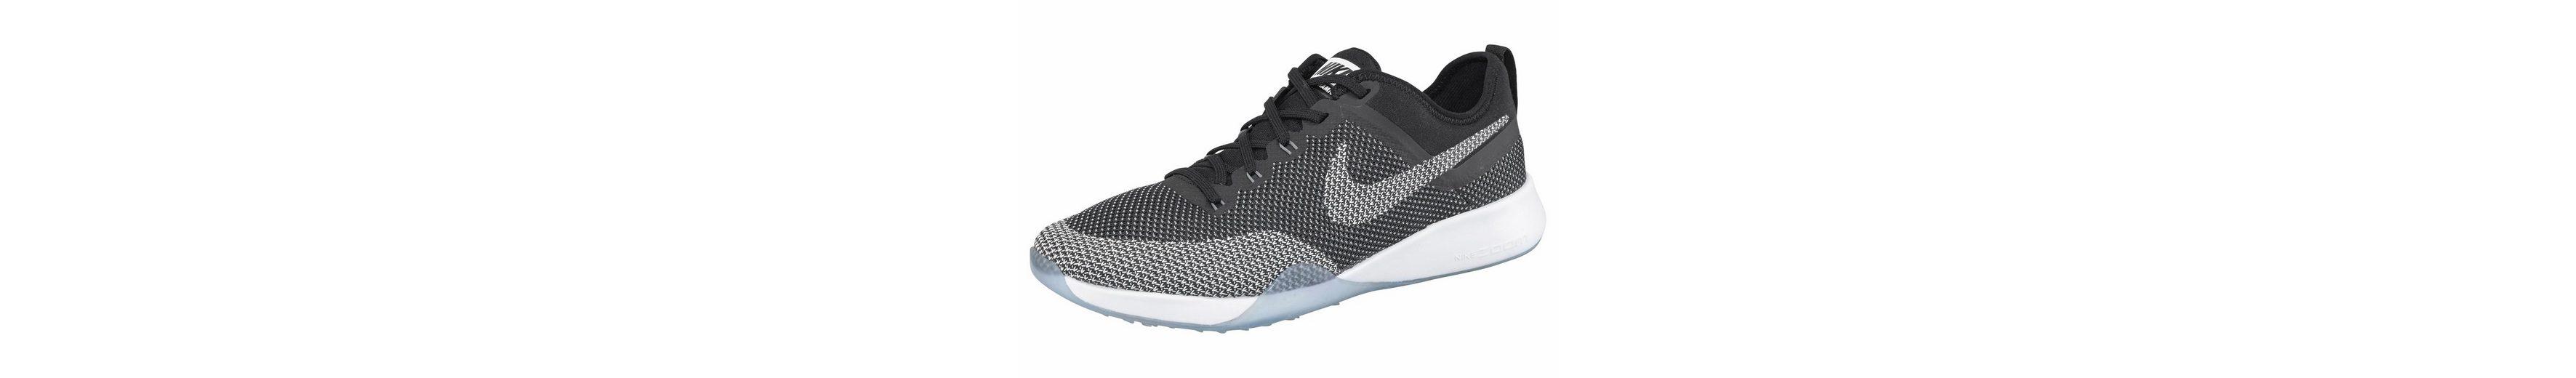 Sammlungen Zum Verkauf Manchester Günstig Online Nike Wmns Air Zoom TR Dynamic Trainingsschuh Verkauf Neuer Stile tlDHVKOARY